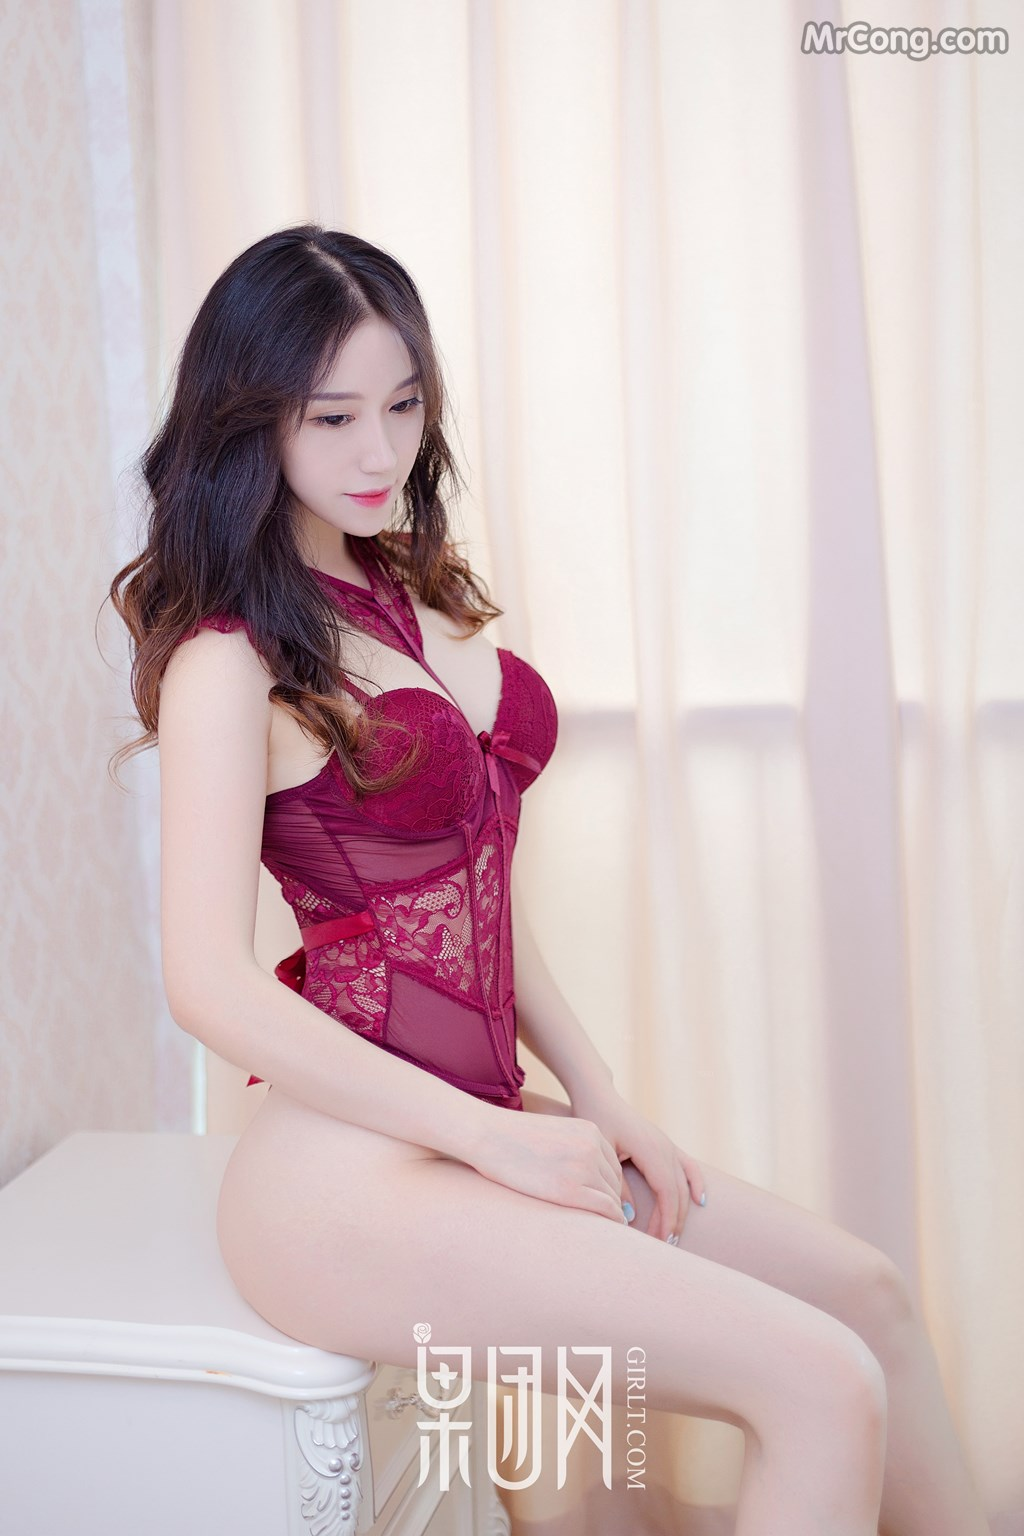 Image GIRLT-No.054-MrCong.com-001 in post GIRLT No.054 (41 ảnh)